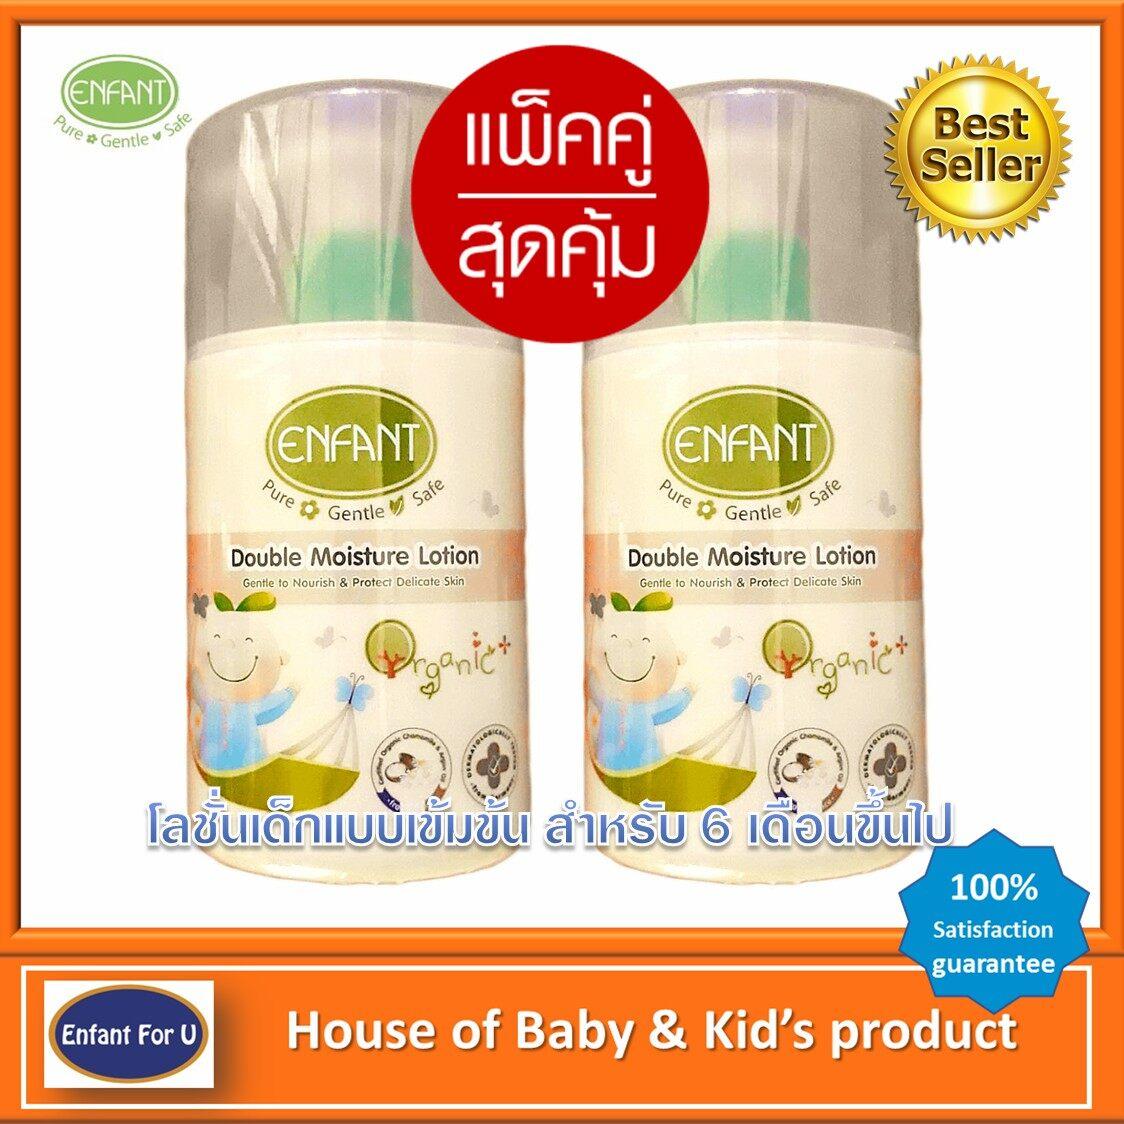 โปรโมชั่น สุดคุ้ม โลชั่นเด็ก อองฟอง ออกานิค แพ็คคู่ Enfant organic double moisture lotion